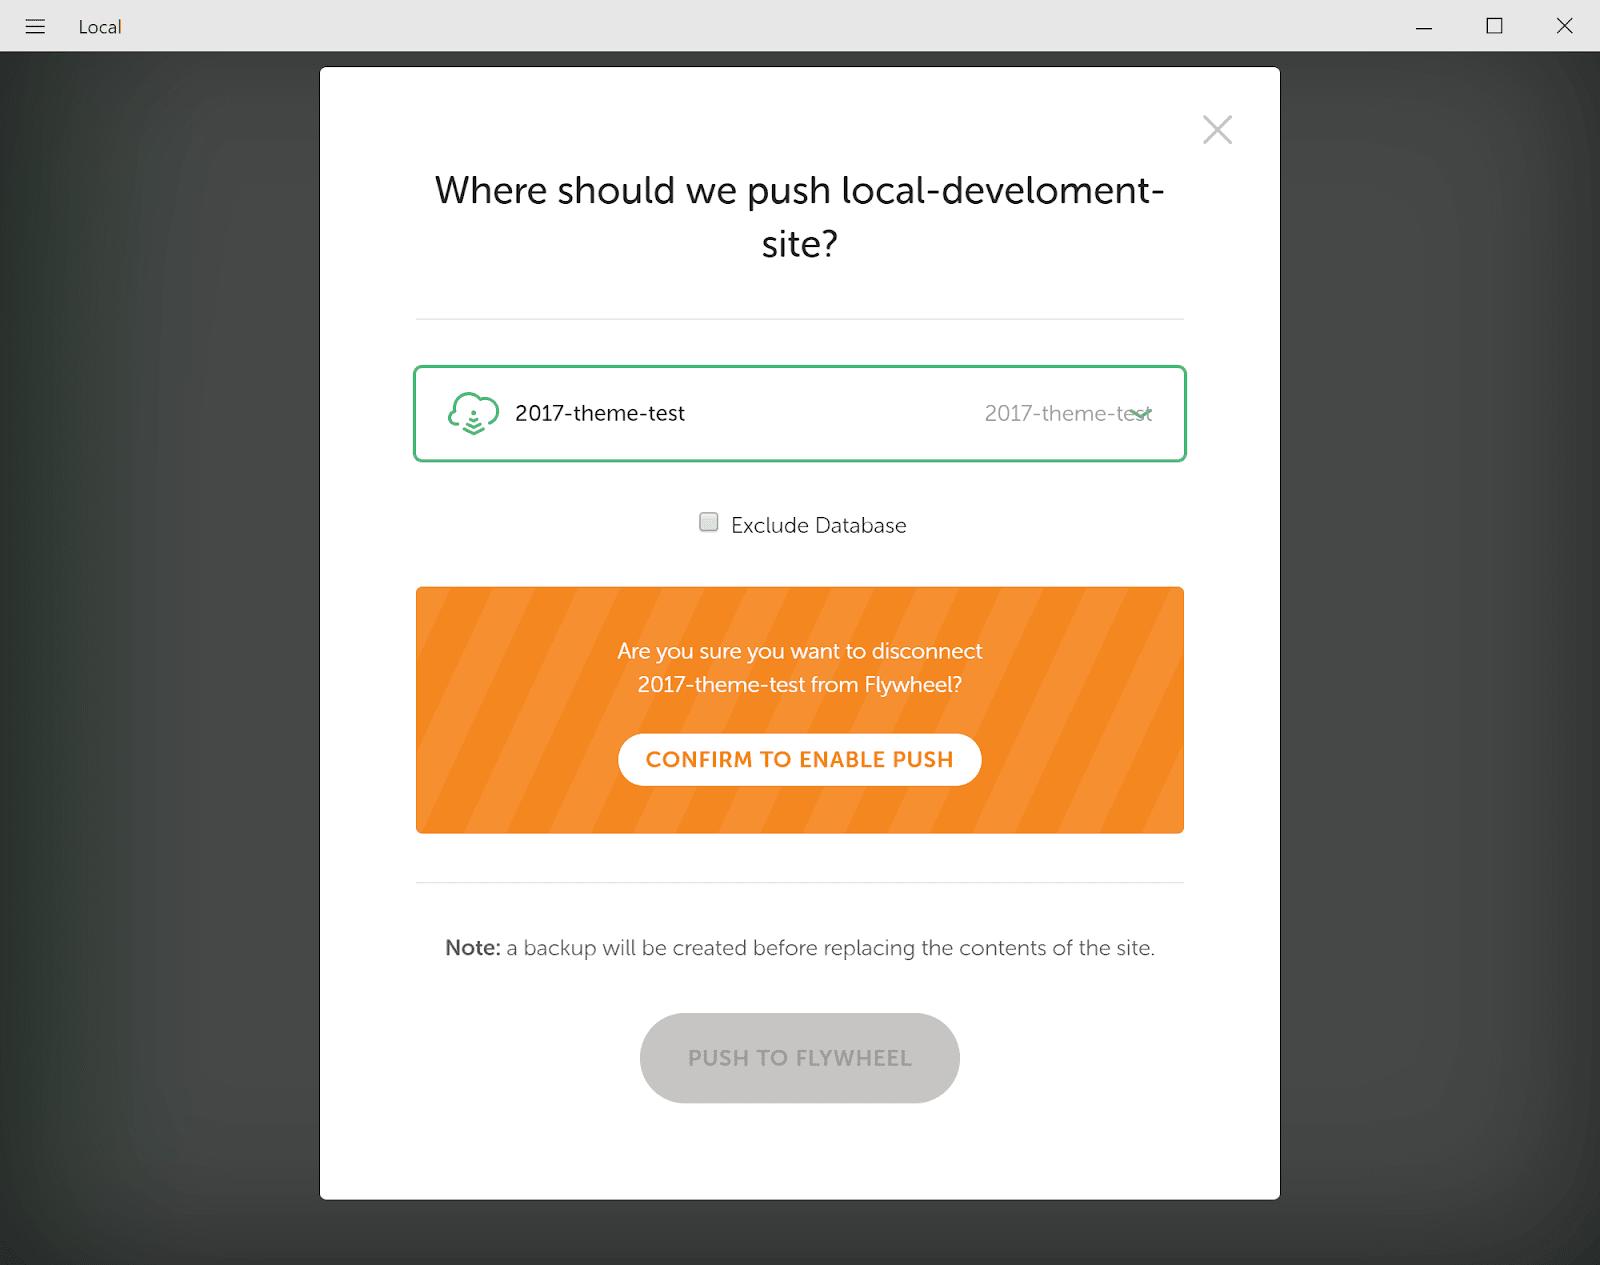 Di chuyển trang web địa phương